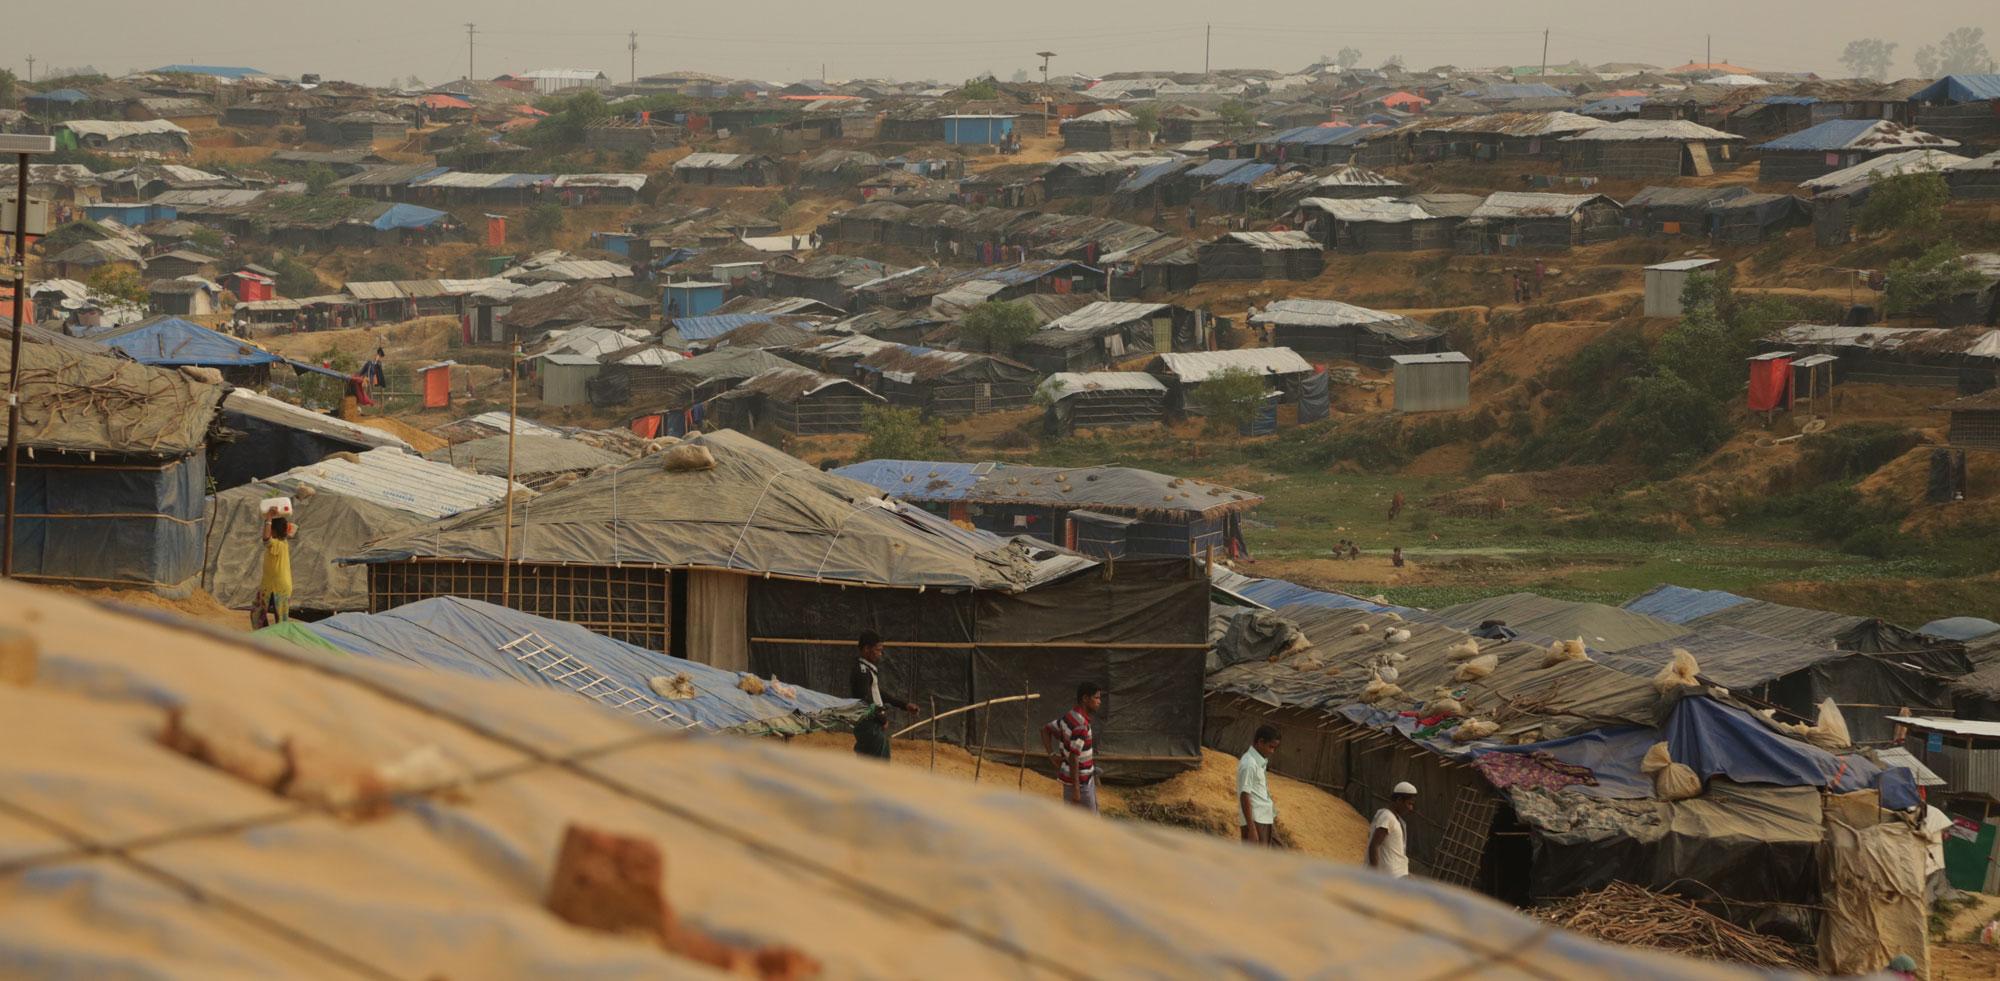 Kutupalong refugee camp near Cox's Bazar, Bangladesh (Photo: Russell Watkins/Department for International Development/Flickr)